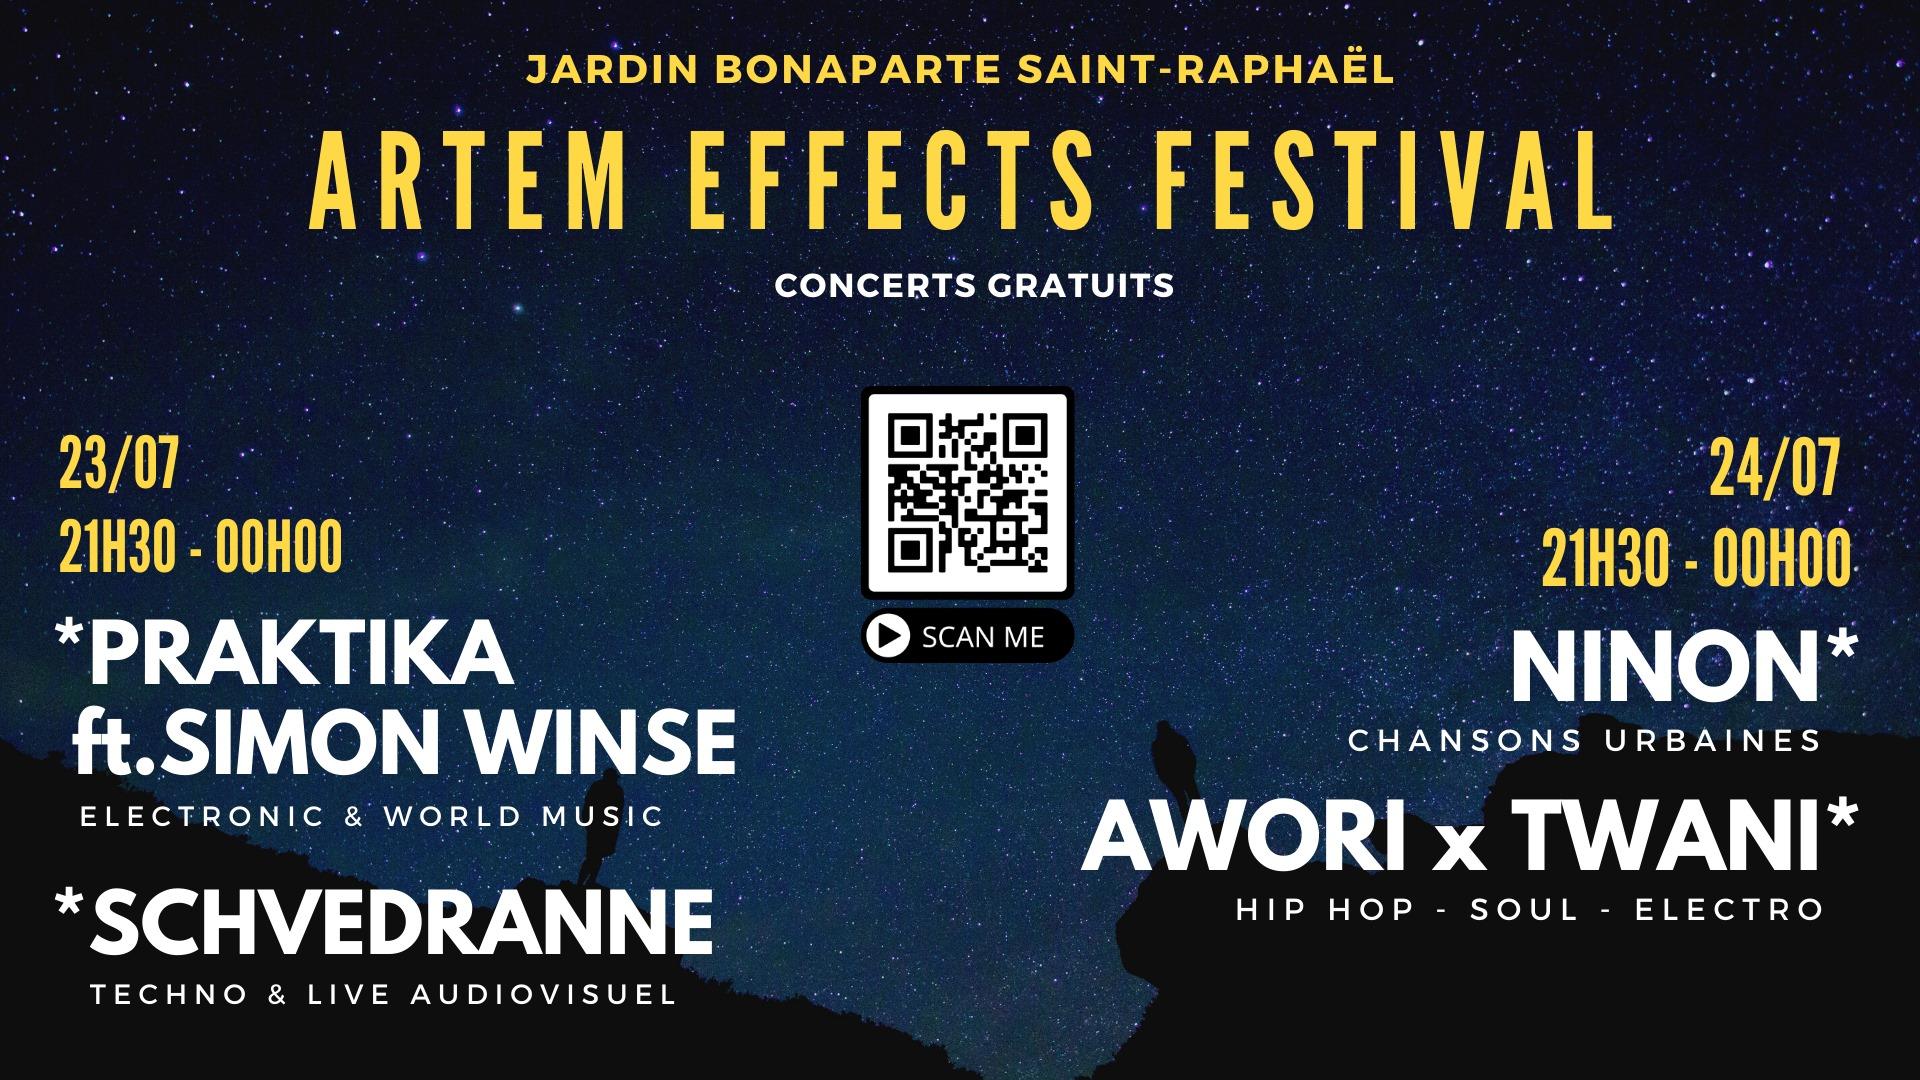 Artem Effects, Festival, Awori, Twani, Schvédranne, Praktika, Simon Winse, Ninon, Saint Raphaël